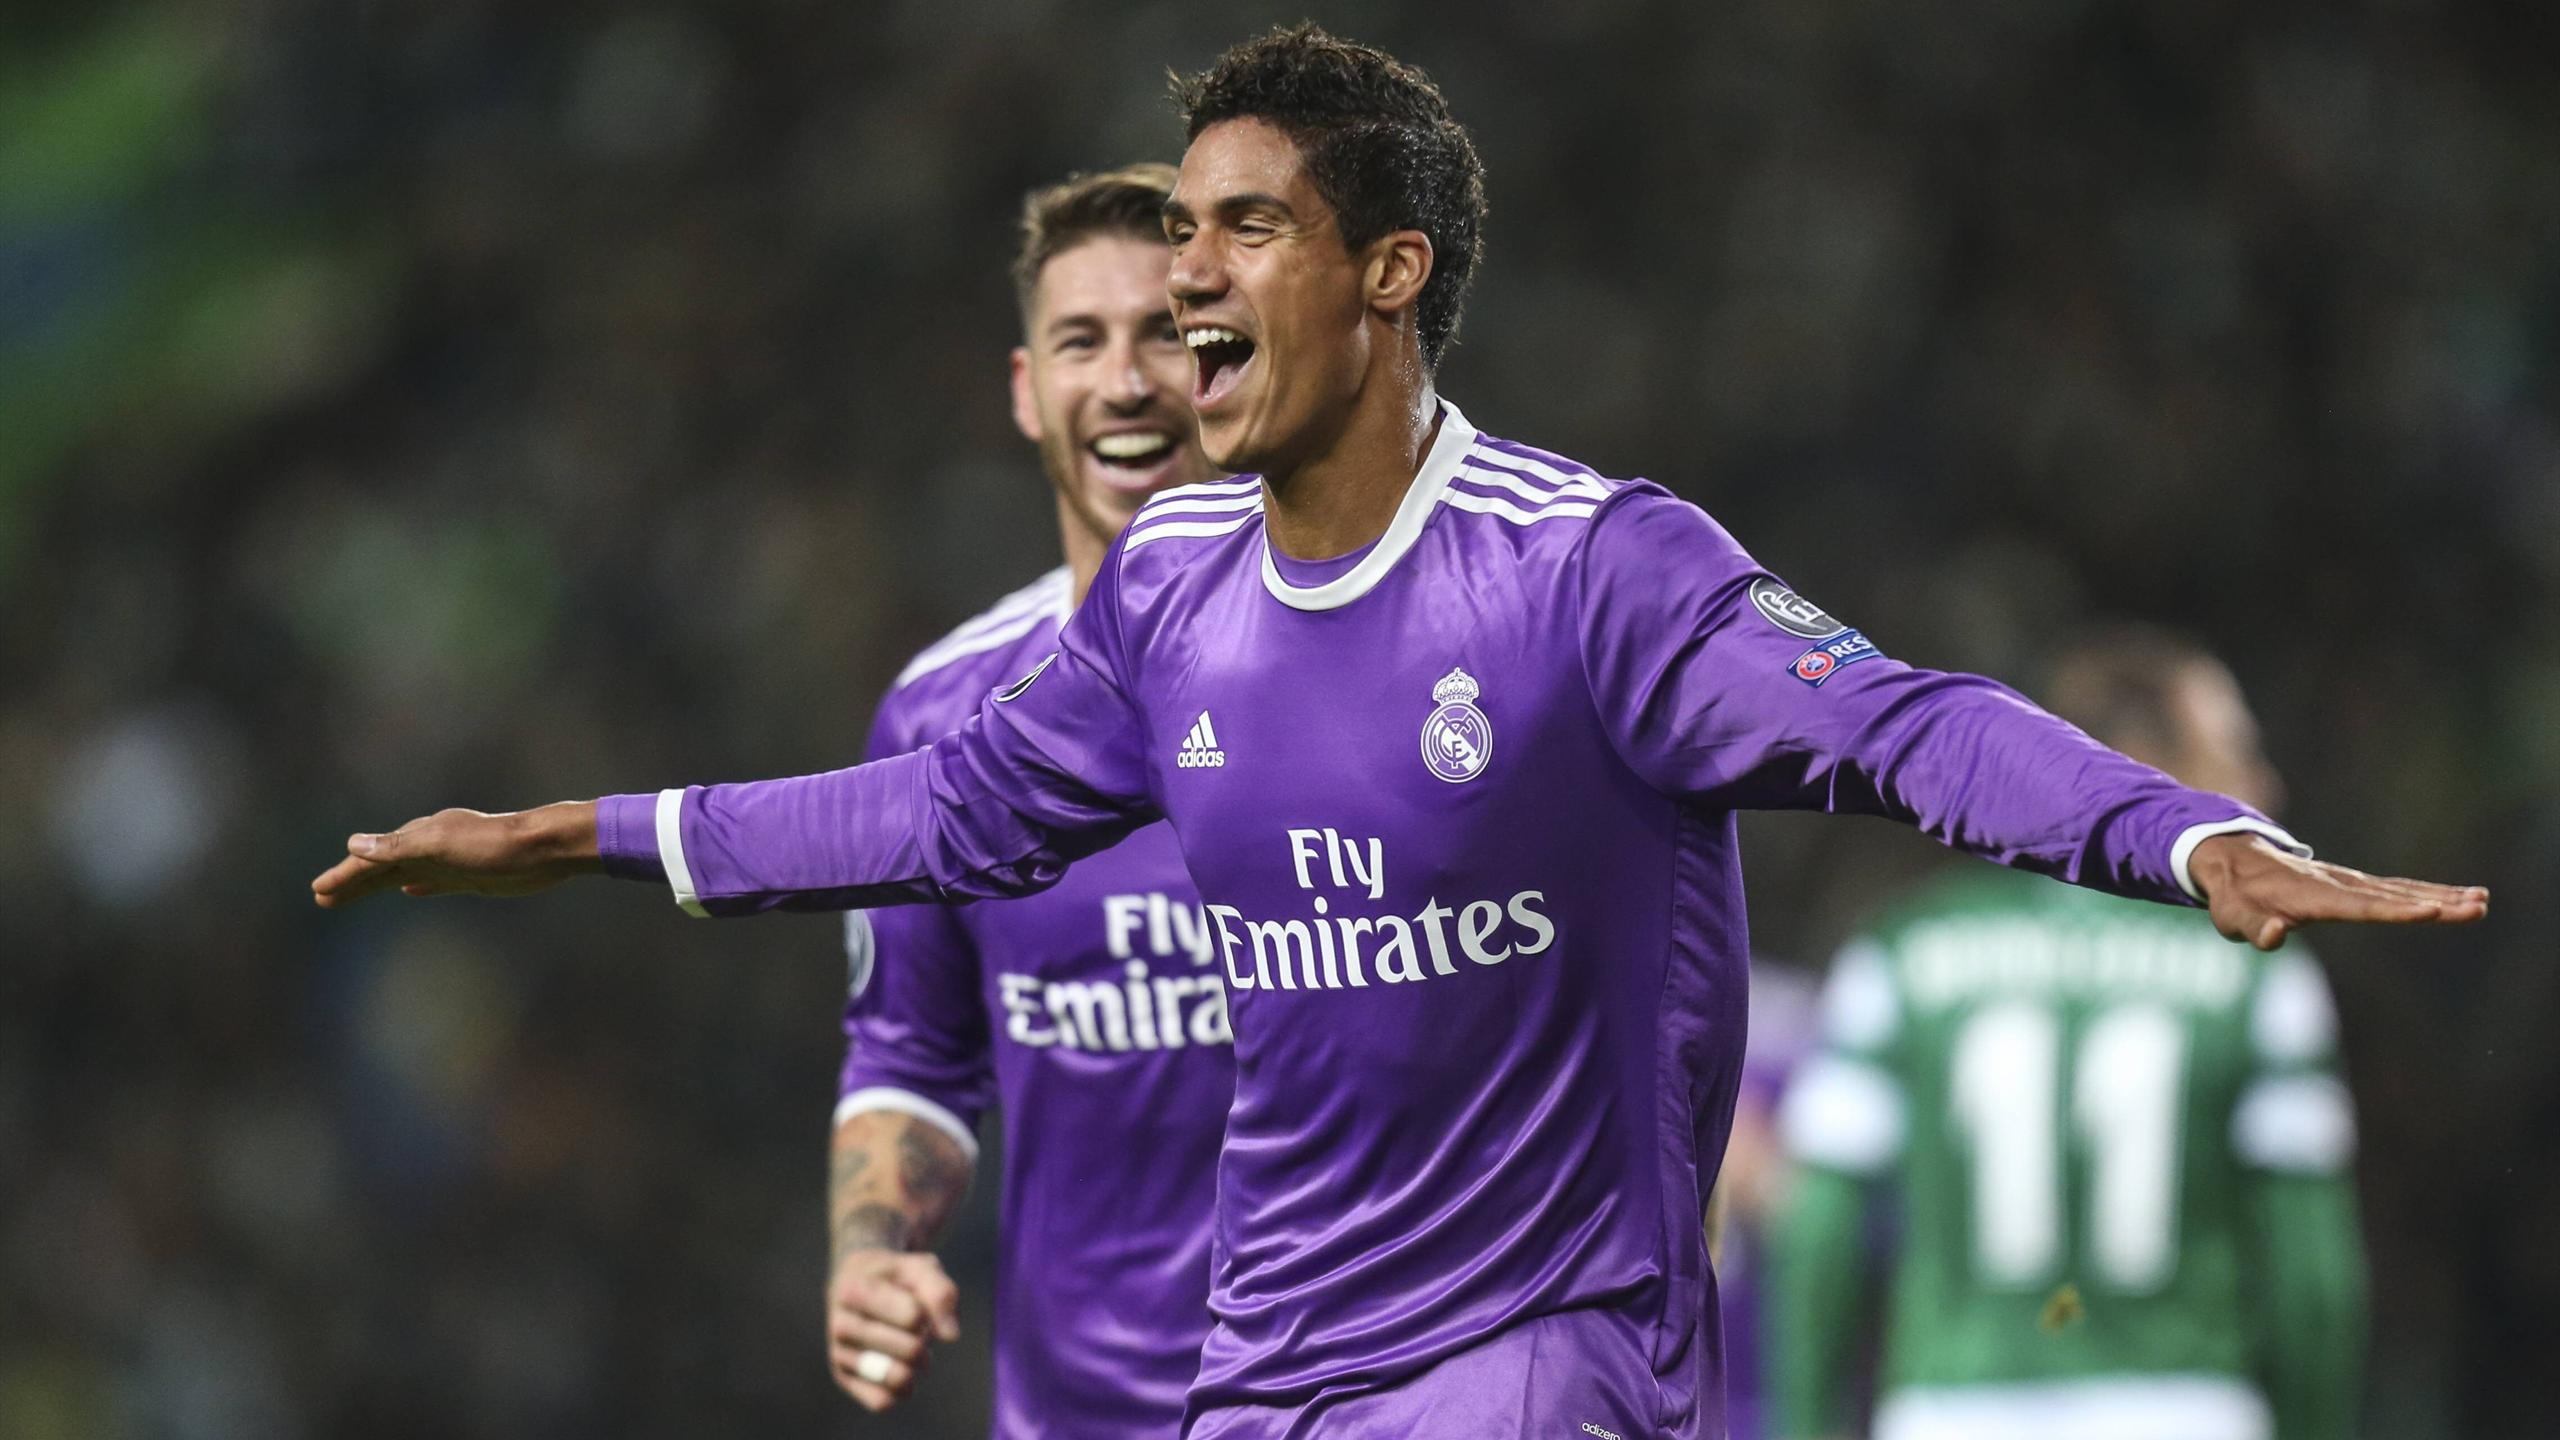 Raphael Varane (Real Madrid)